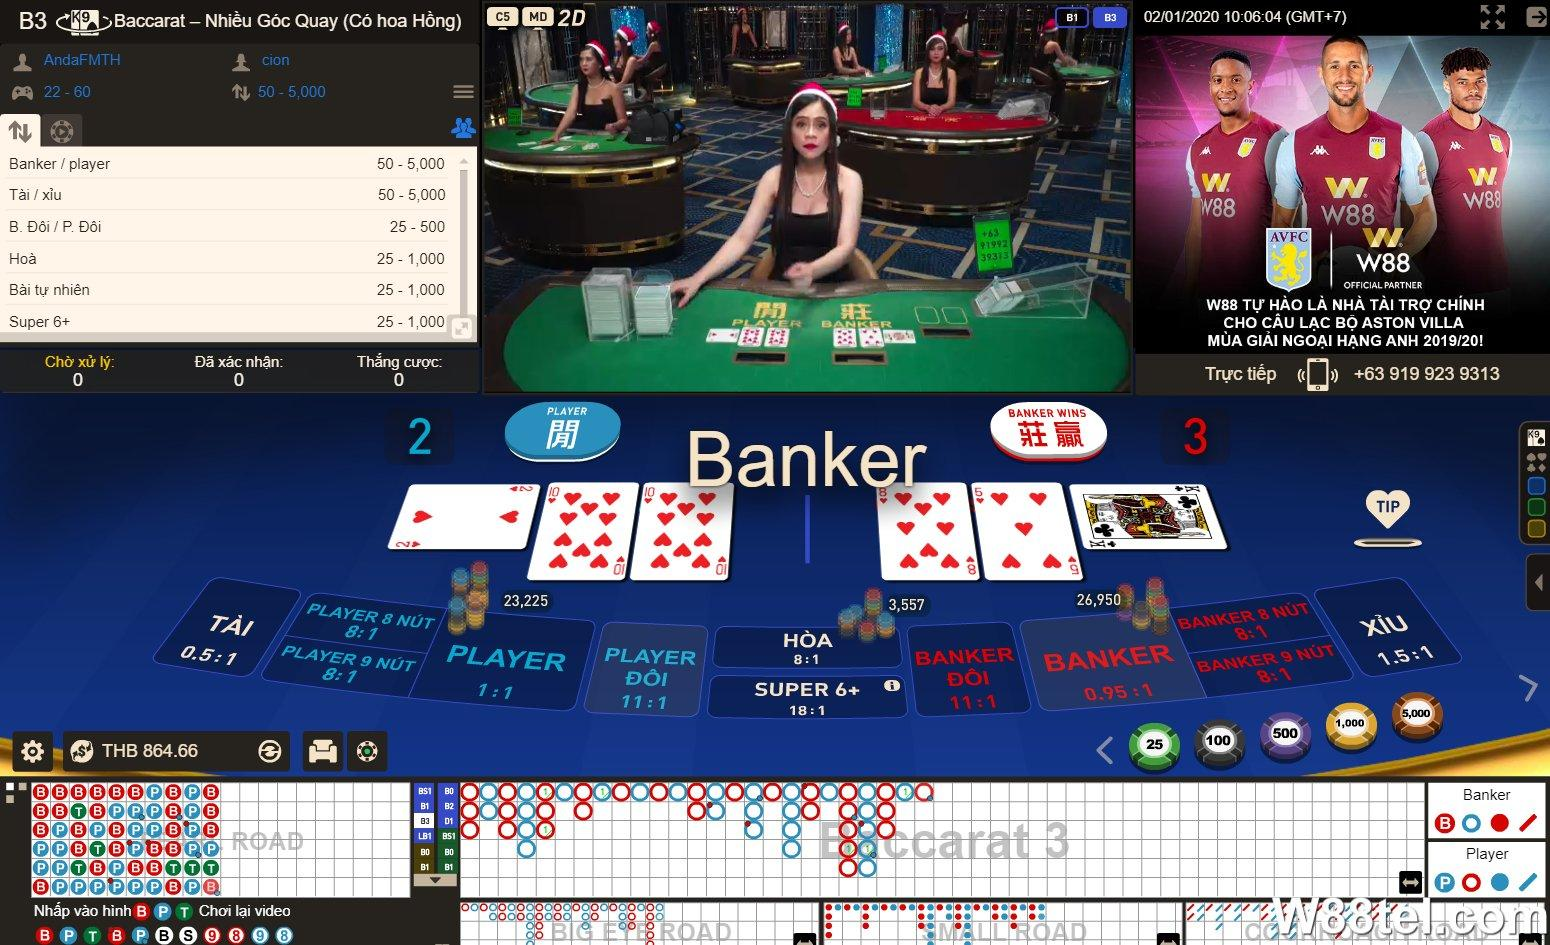 Cách Đánh Bài Online ăn tiền thật tại sòng casino uy tín W88